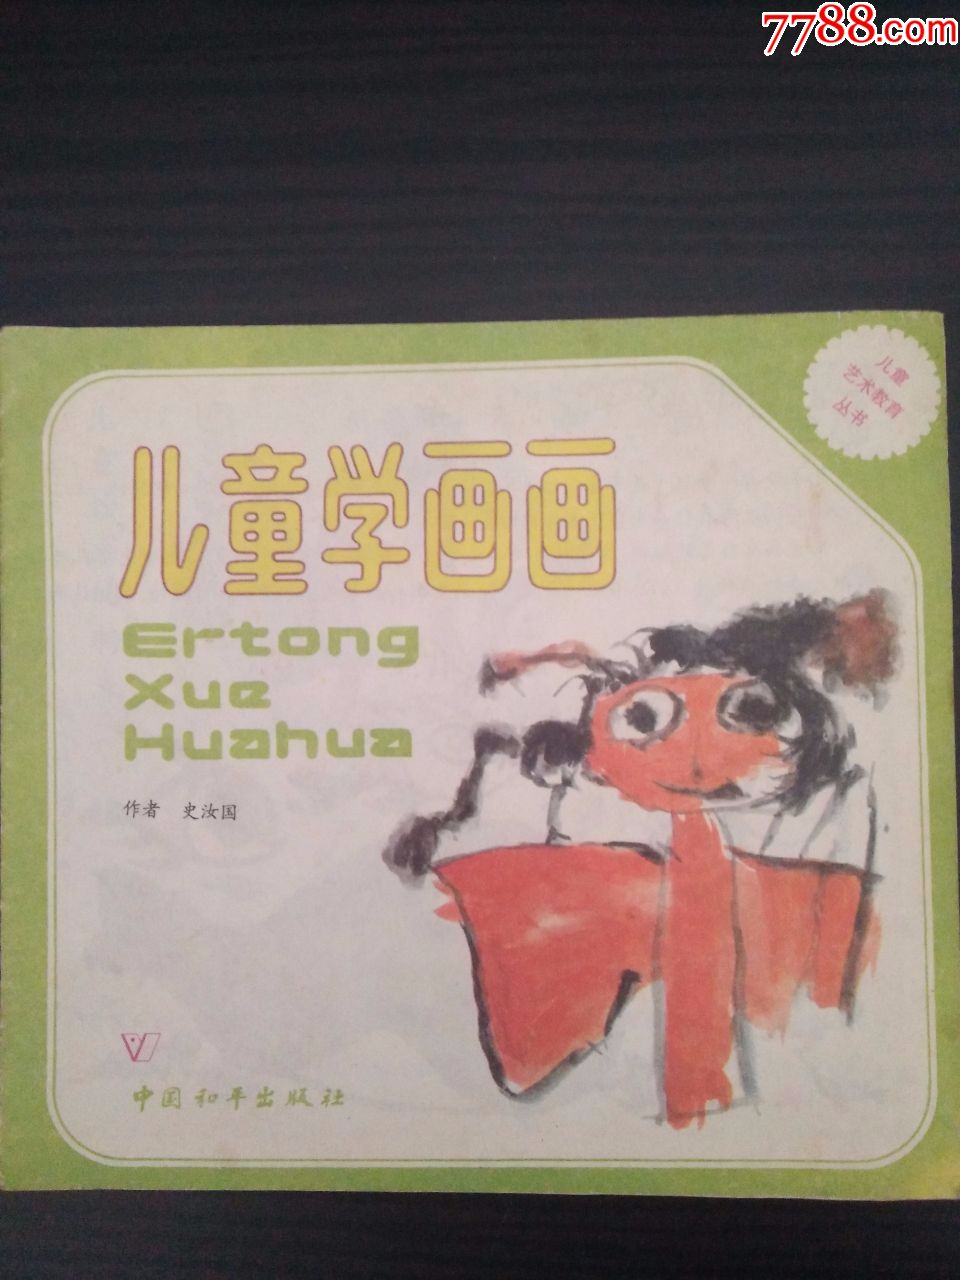 兒童學畫畫_價格10.0000元_第1張_7788收藏__中國收藏熱線